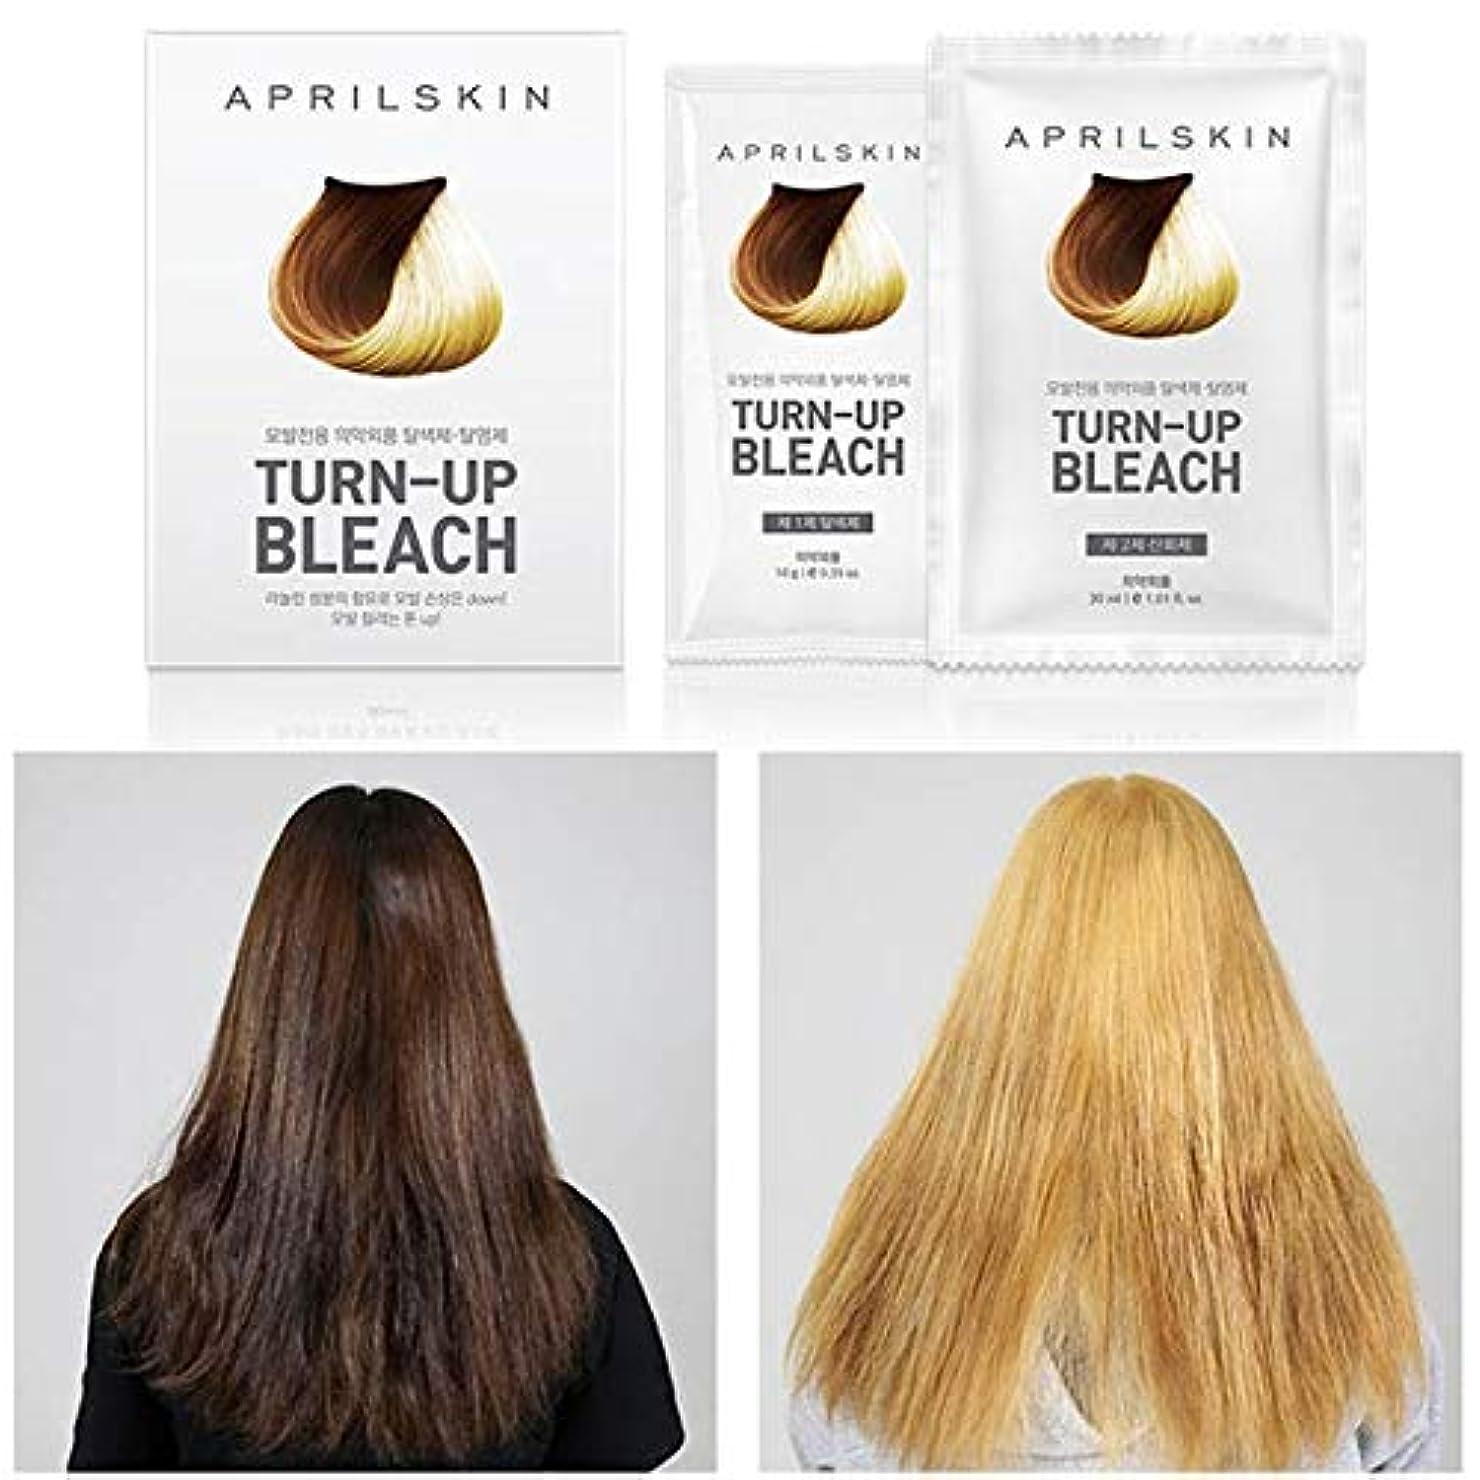 行き当たりばったりはしご野球エープリル?スキン [韓国コスメ April Skin] 漂白ブリーチ(ヘアブリーチ)Turn Up Bleach (Hair Bleach)/Korea Cosmetics